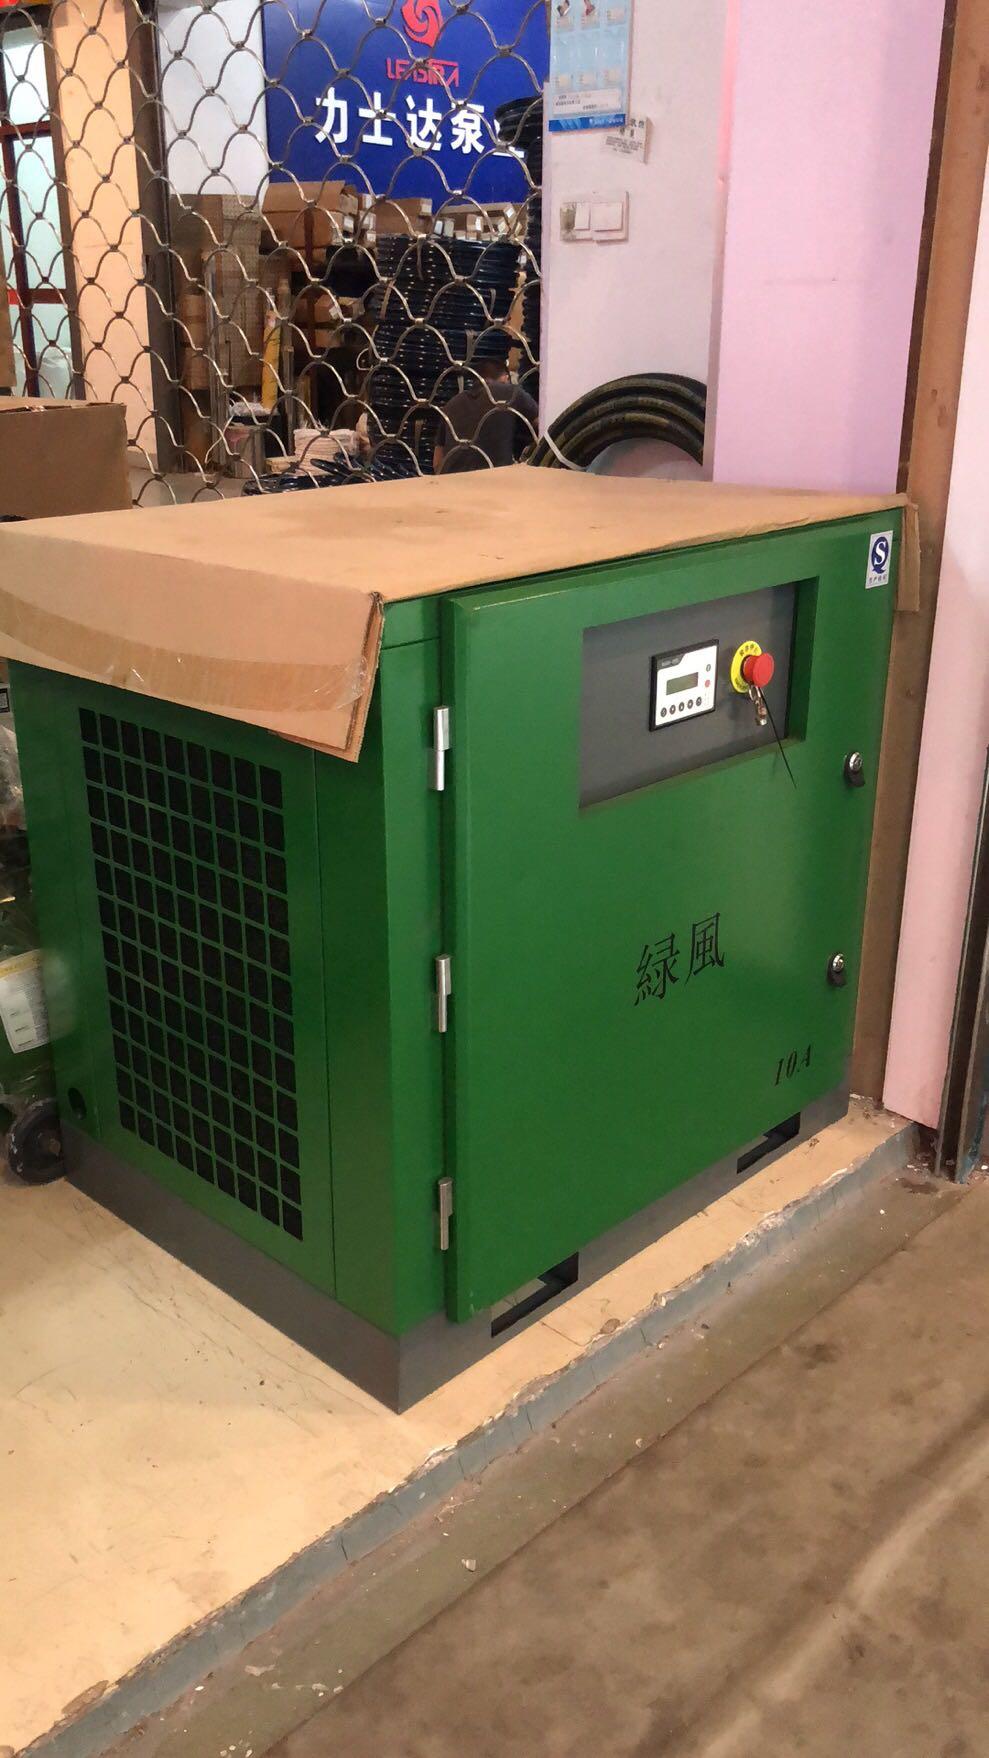 绿风螺杆式空压机